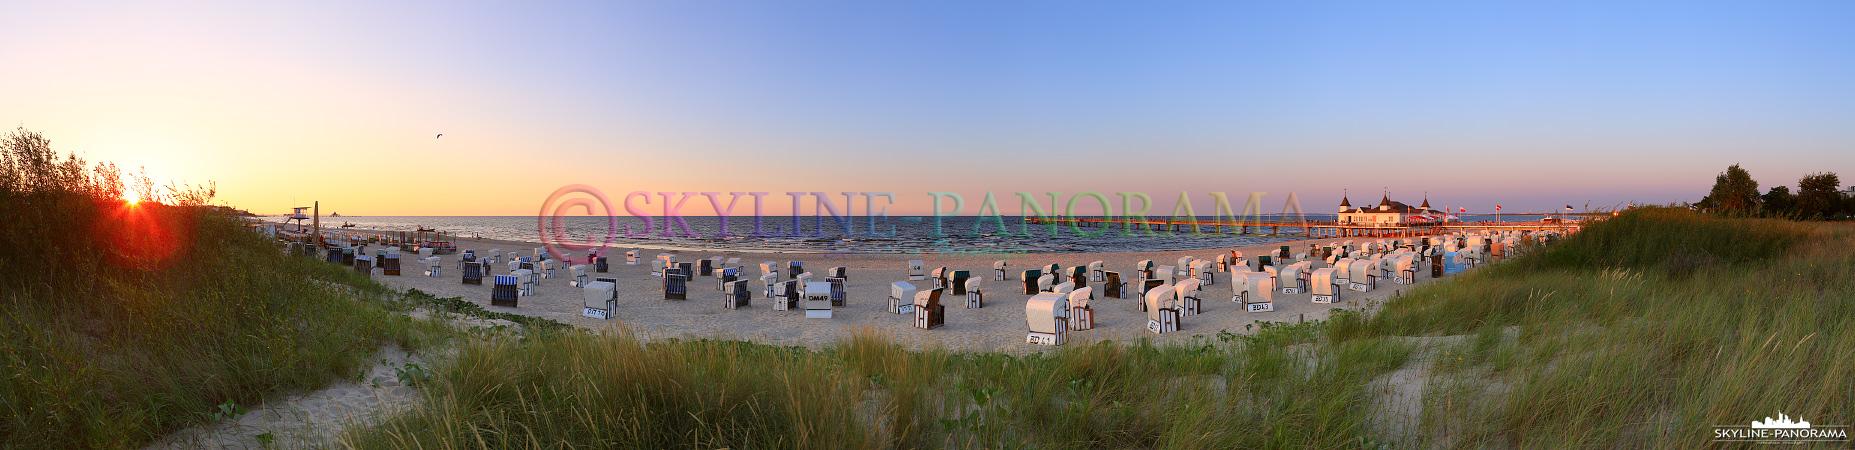 Bilder Usedom - Der abendliche Strand von Ahlbeck mit der historischen Seebrücke und den bekannten Strandkörben wurde hier zum Sonnenuntergang, mit dem letzten Licht des Tages, als Panorama fotografiert.